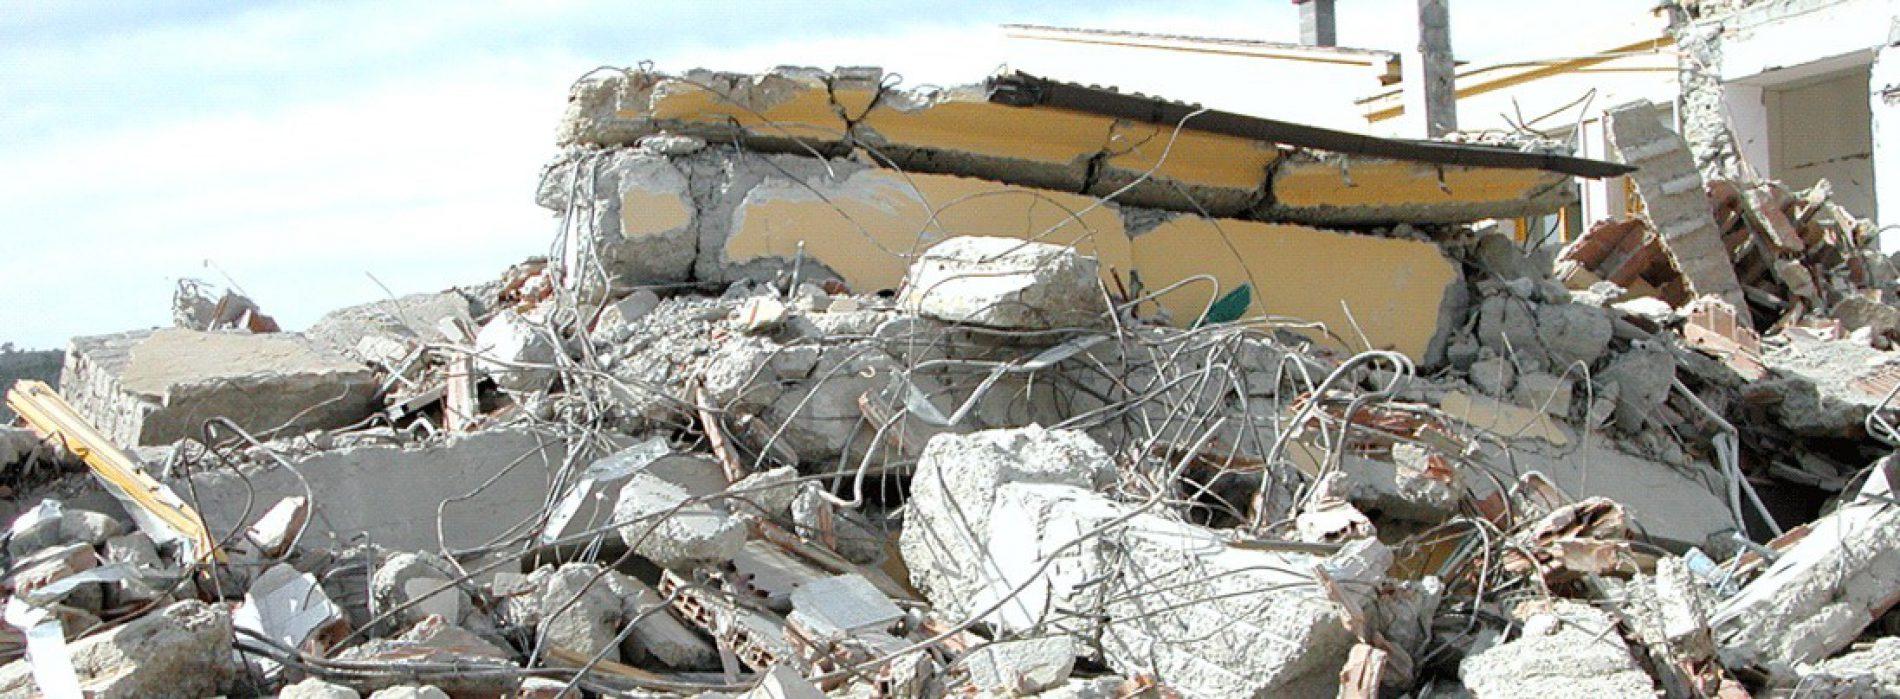 Molise: credito immediato per imprese che hanno ricostruito dopo il sisma